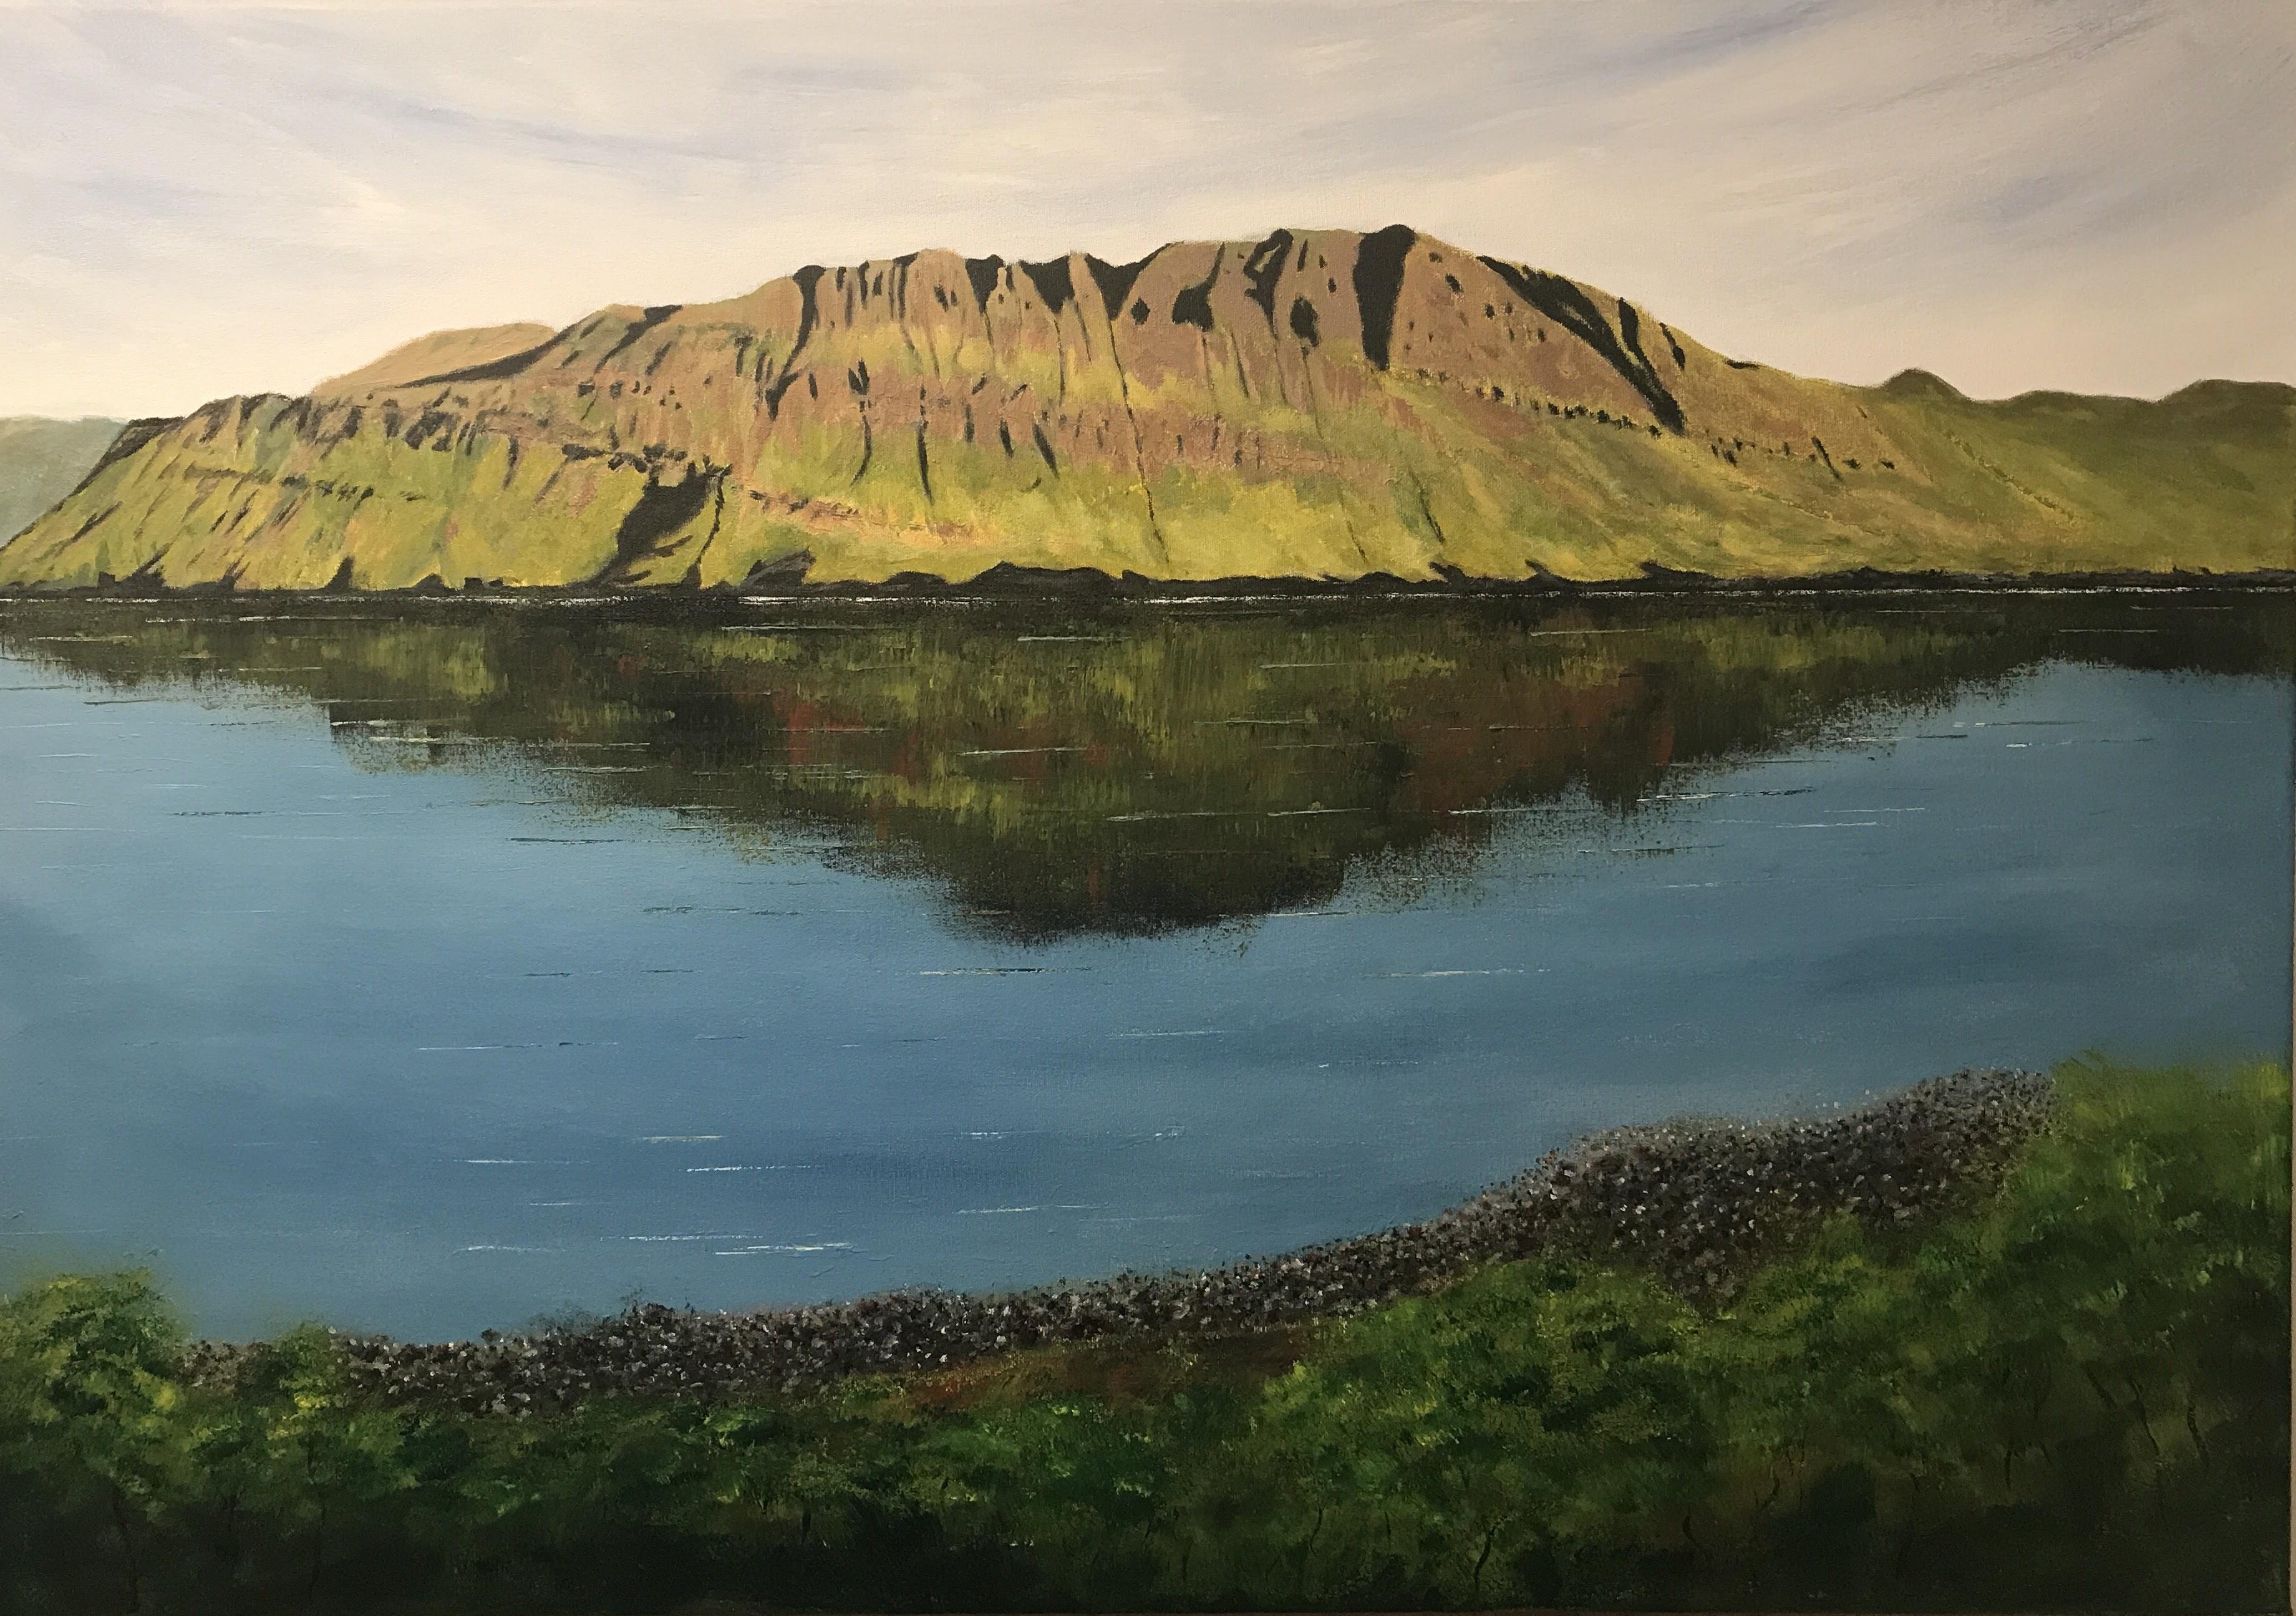 Neskaupstadur Iceland